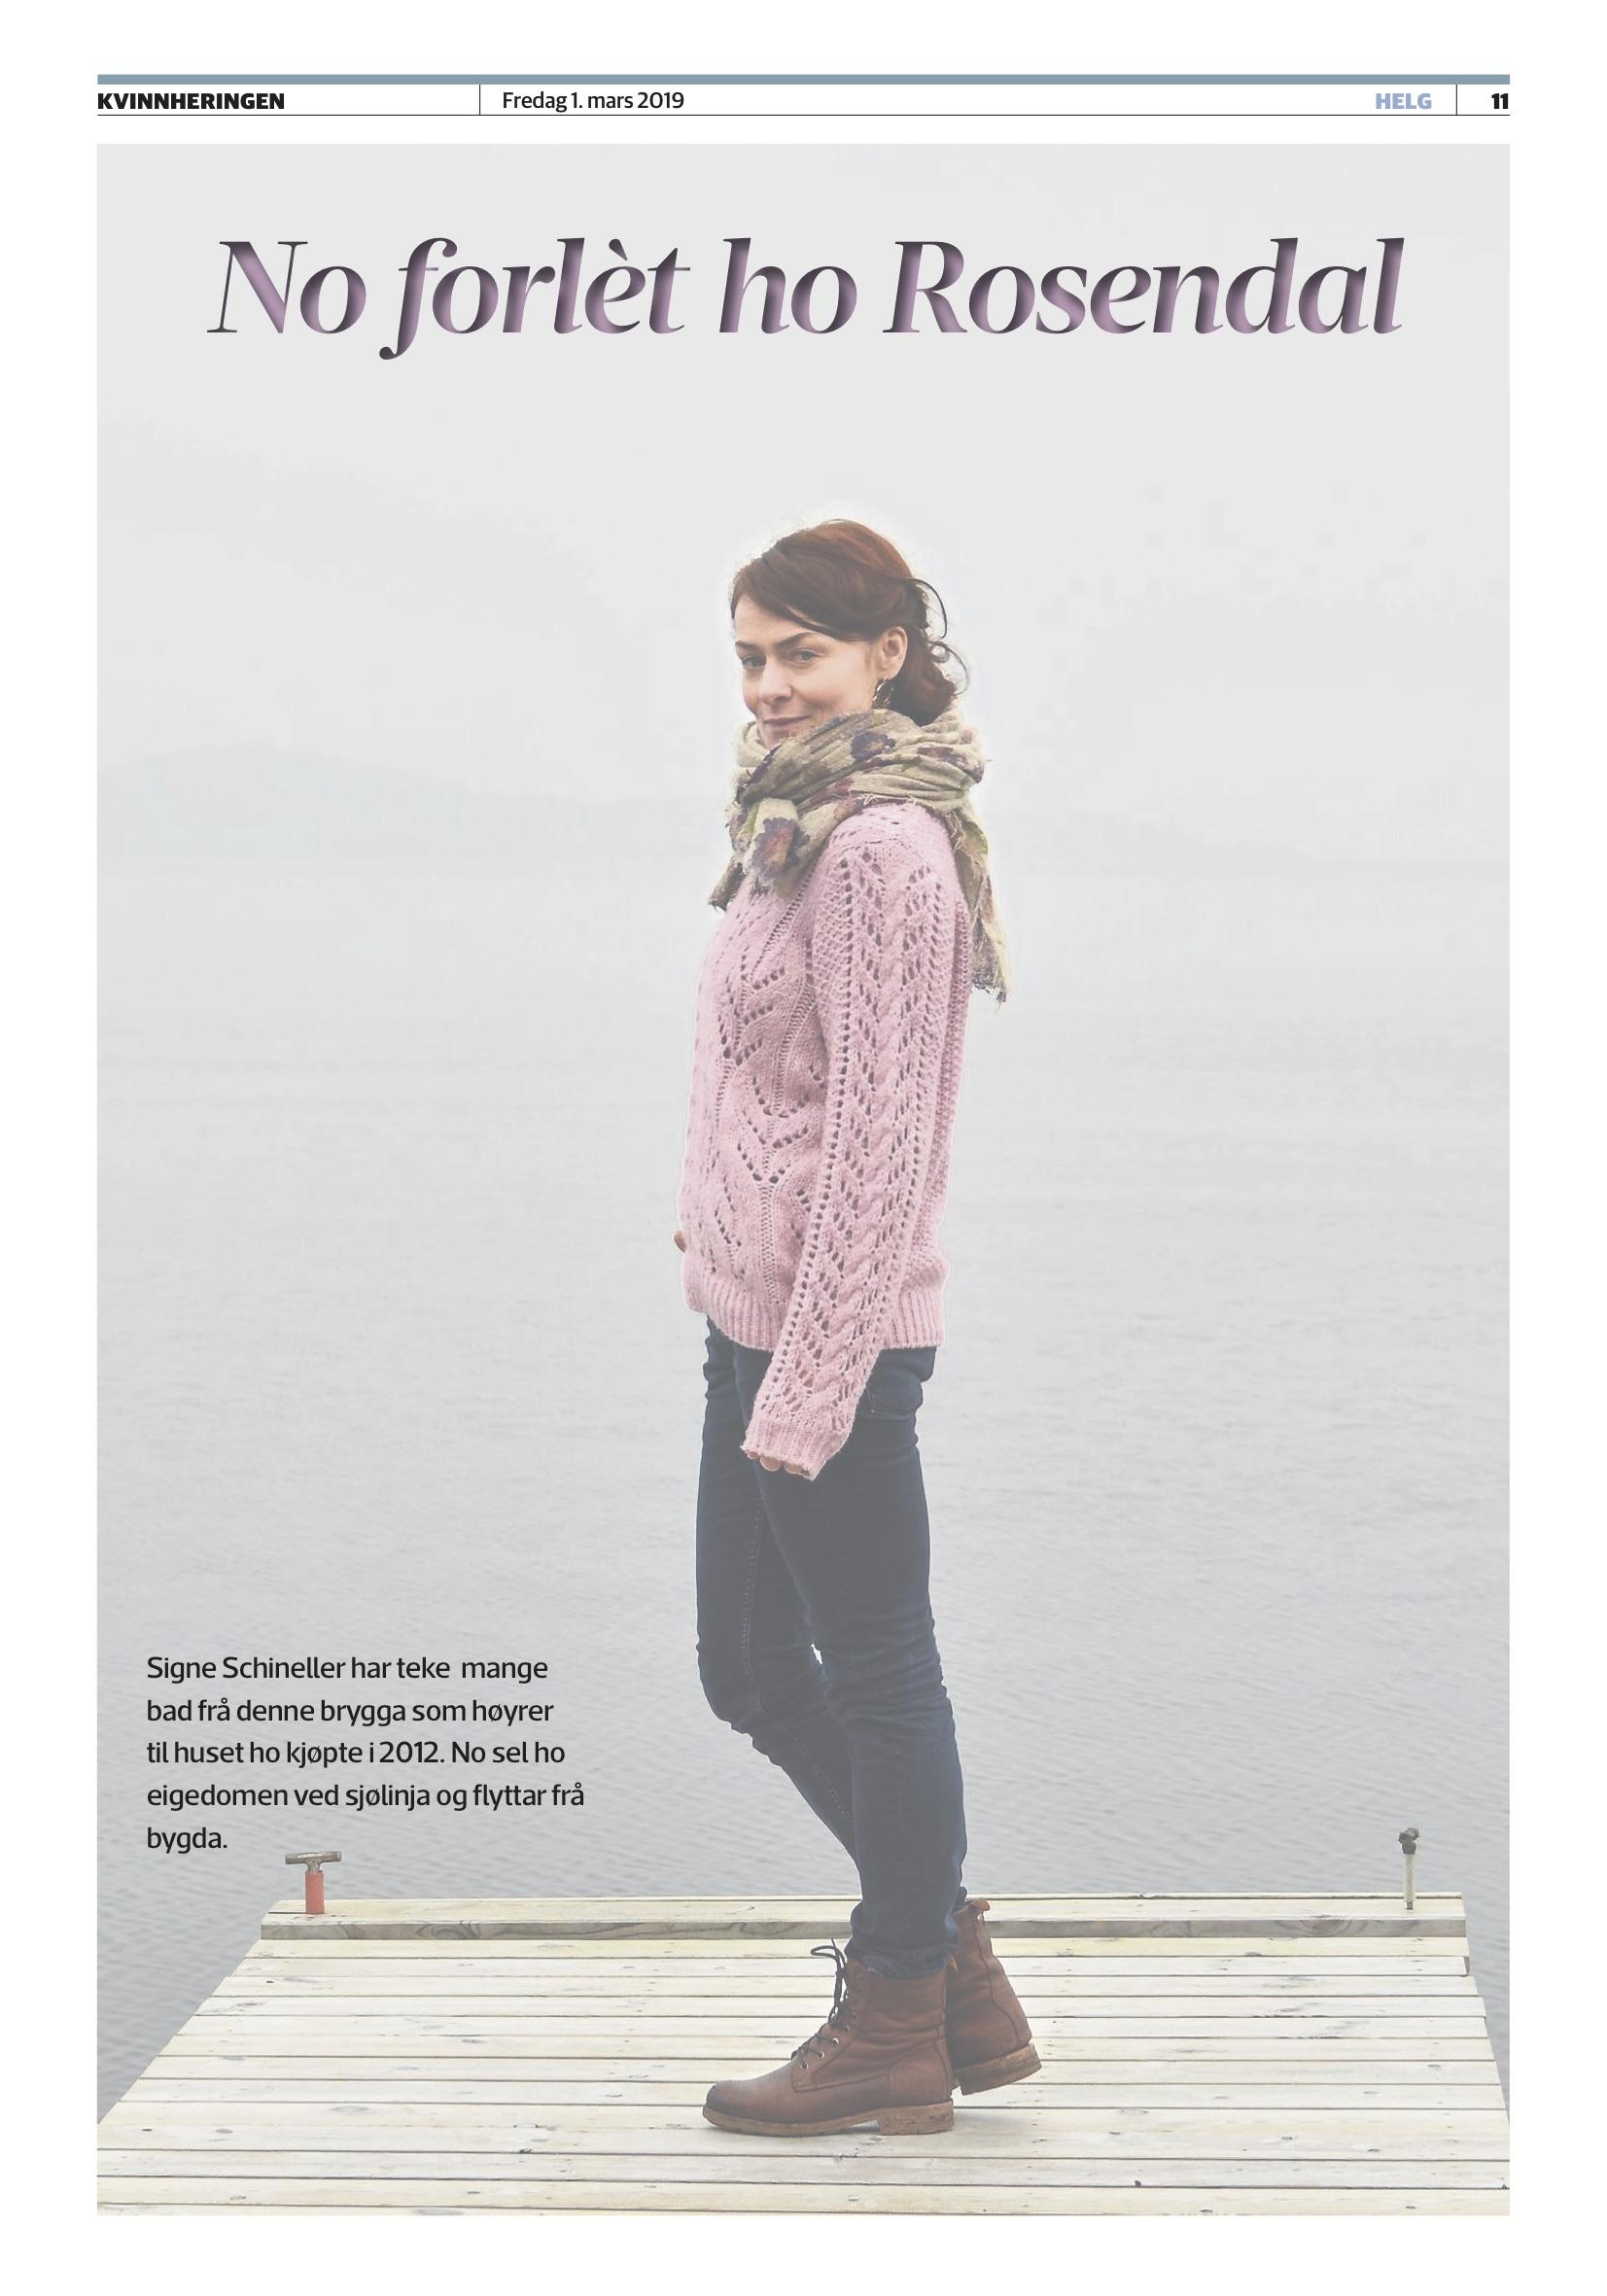 Signe Schineller, resignert, Signe Rosendal, huset med rundt vindu, rosendal, kvinnheringen, kvinnherad, signe resignert, signe blogg, norwegian fjords, embracing change, interior, signe interior,